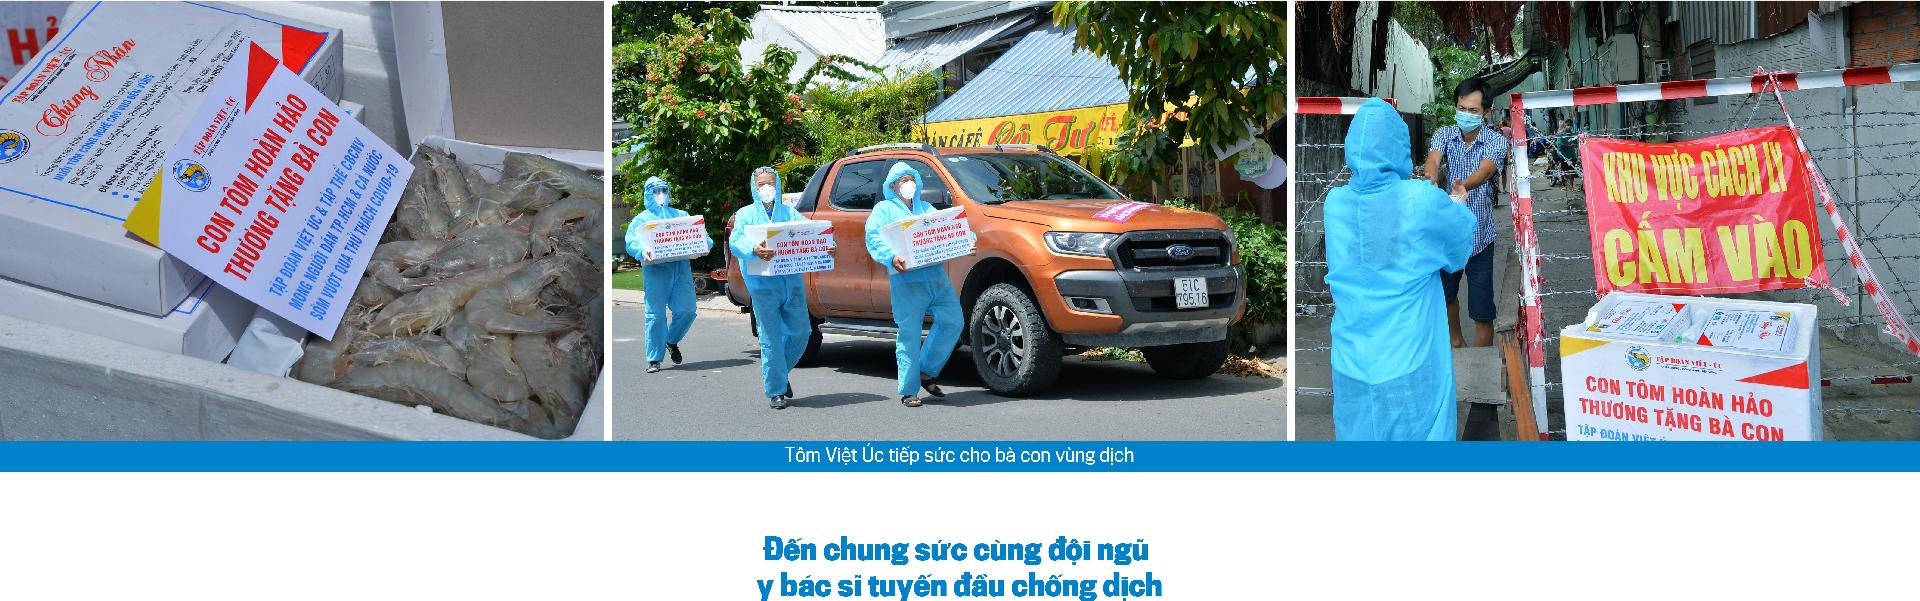 Tập đoàn Việt Úc: 20 năm phát triển ngành tôm công nghệ cao - Ảnh 8